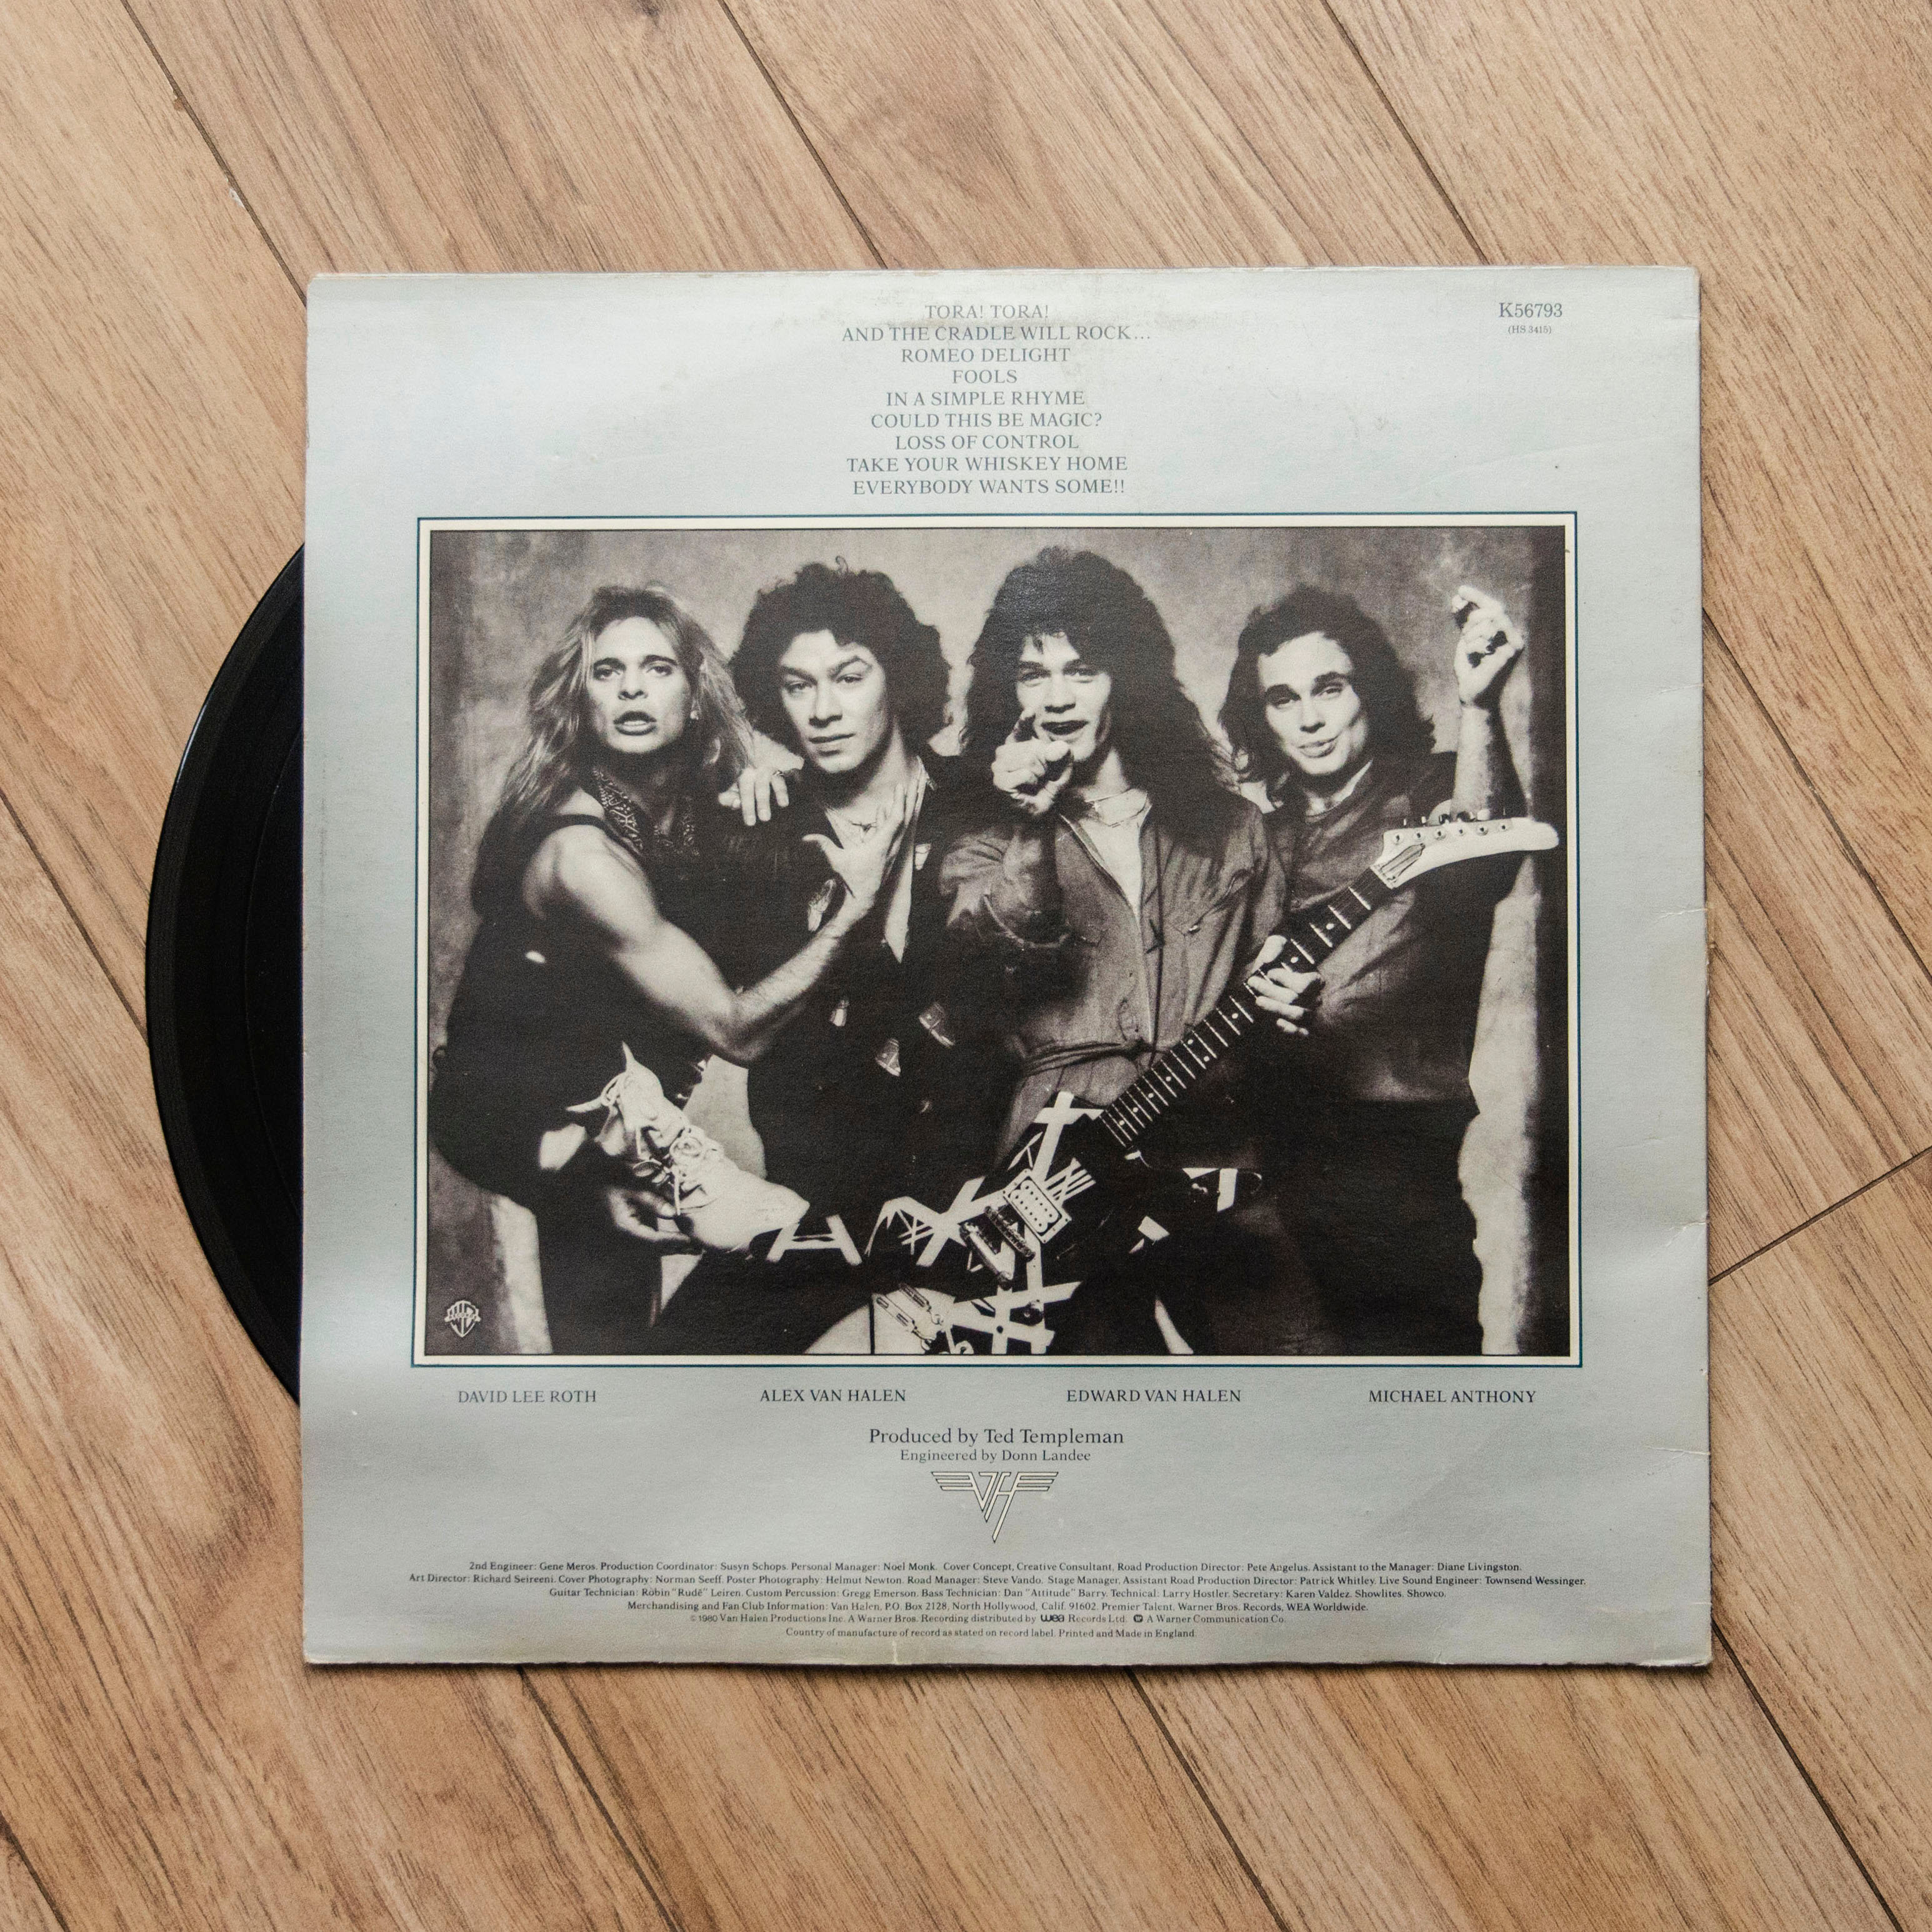 8419dbb3f46  VAN HALEN - Women and Children First  Vinyl Record (1980)